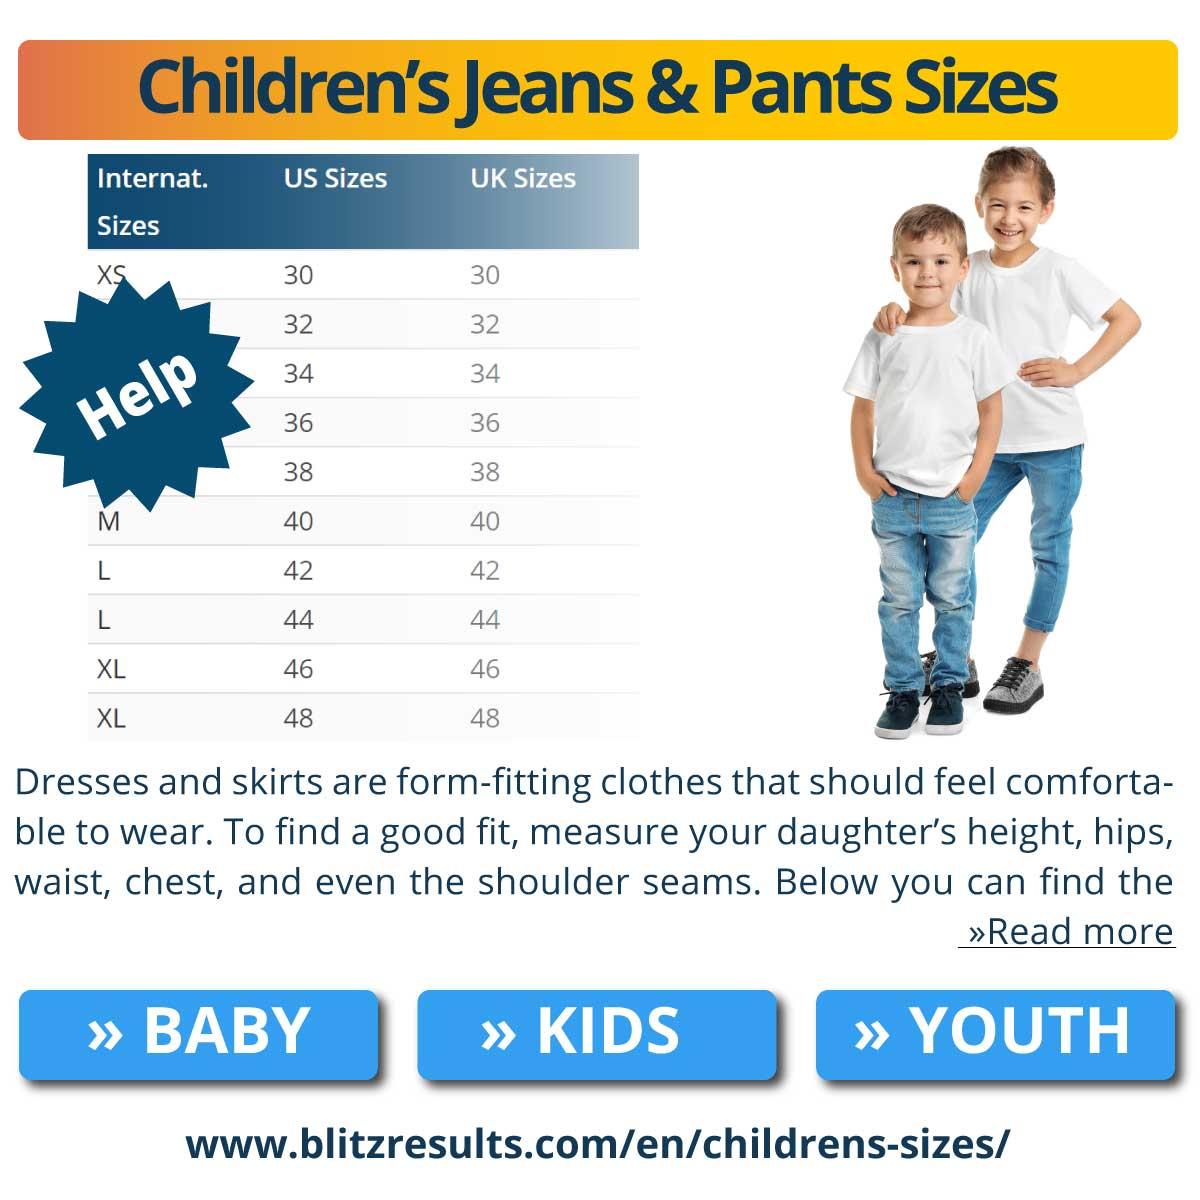 Children's Jeans & Pants Sizes